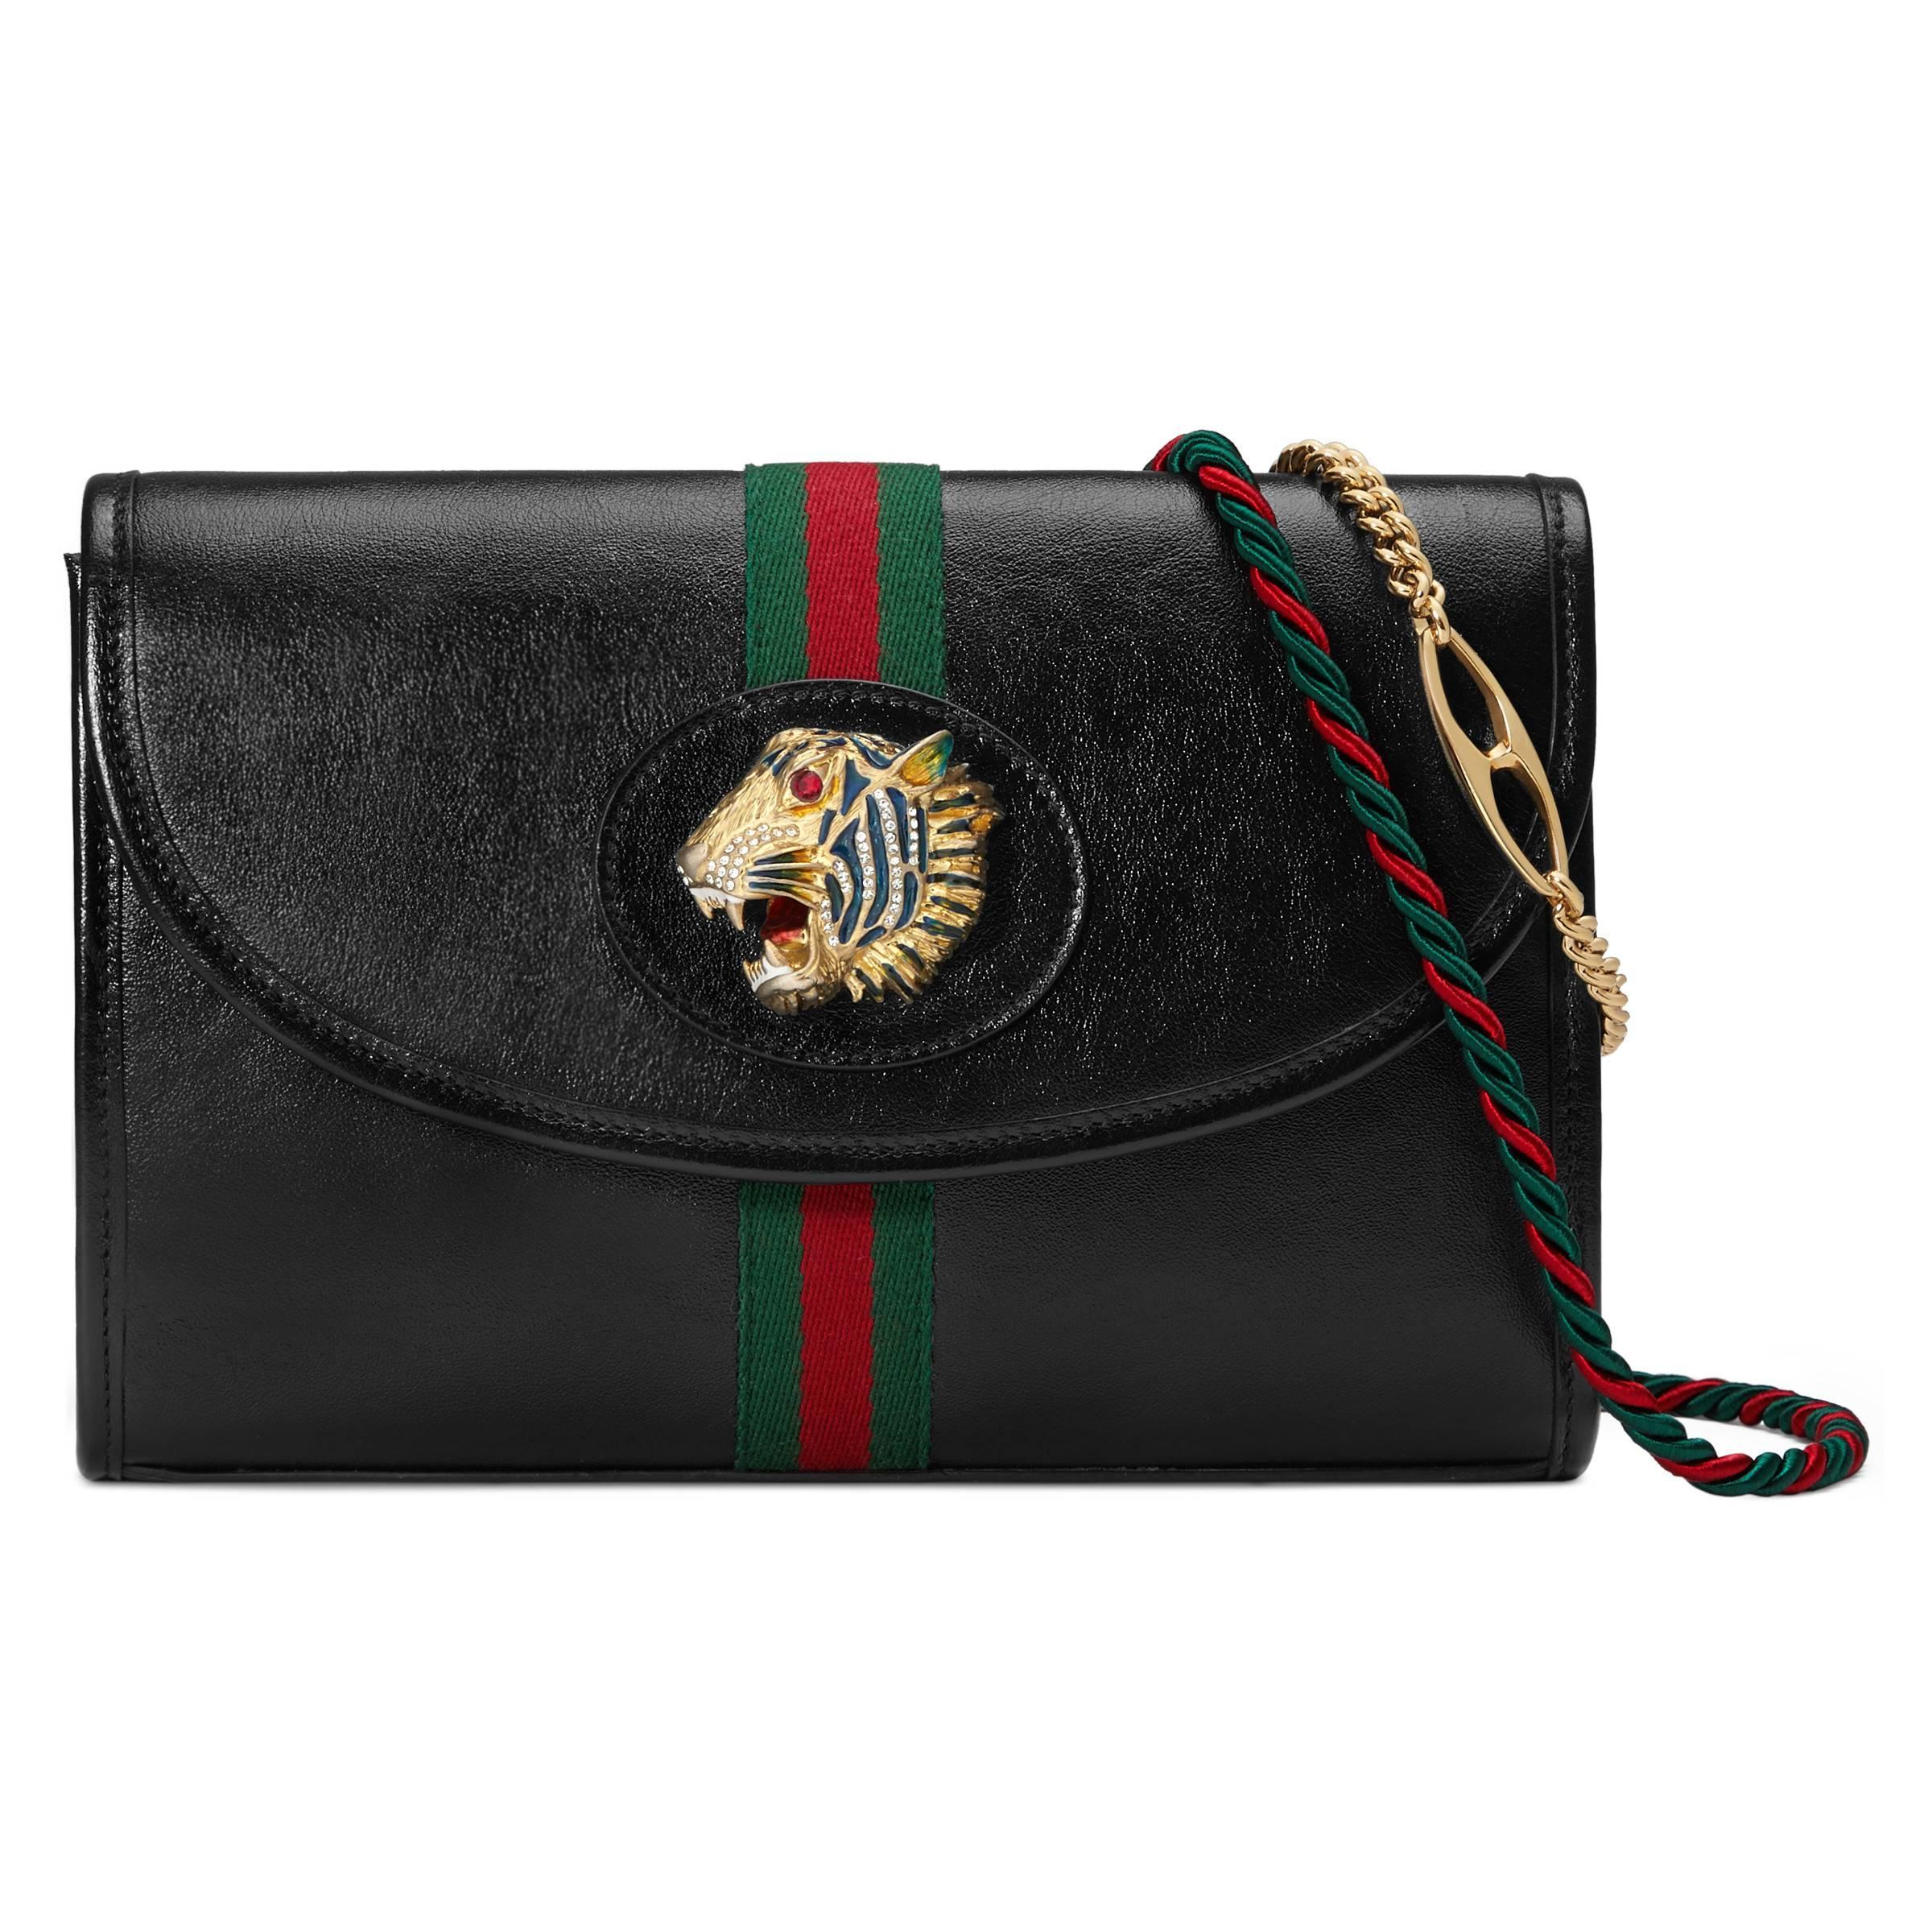 9683fd22c748 Gucci - Black Rajah Small Shoulder Bag - Lyst. View fullscreen